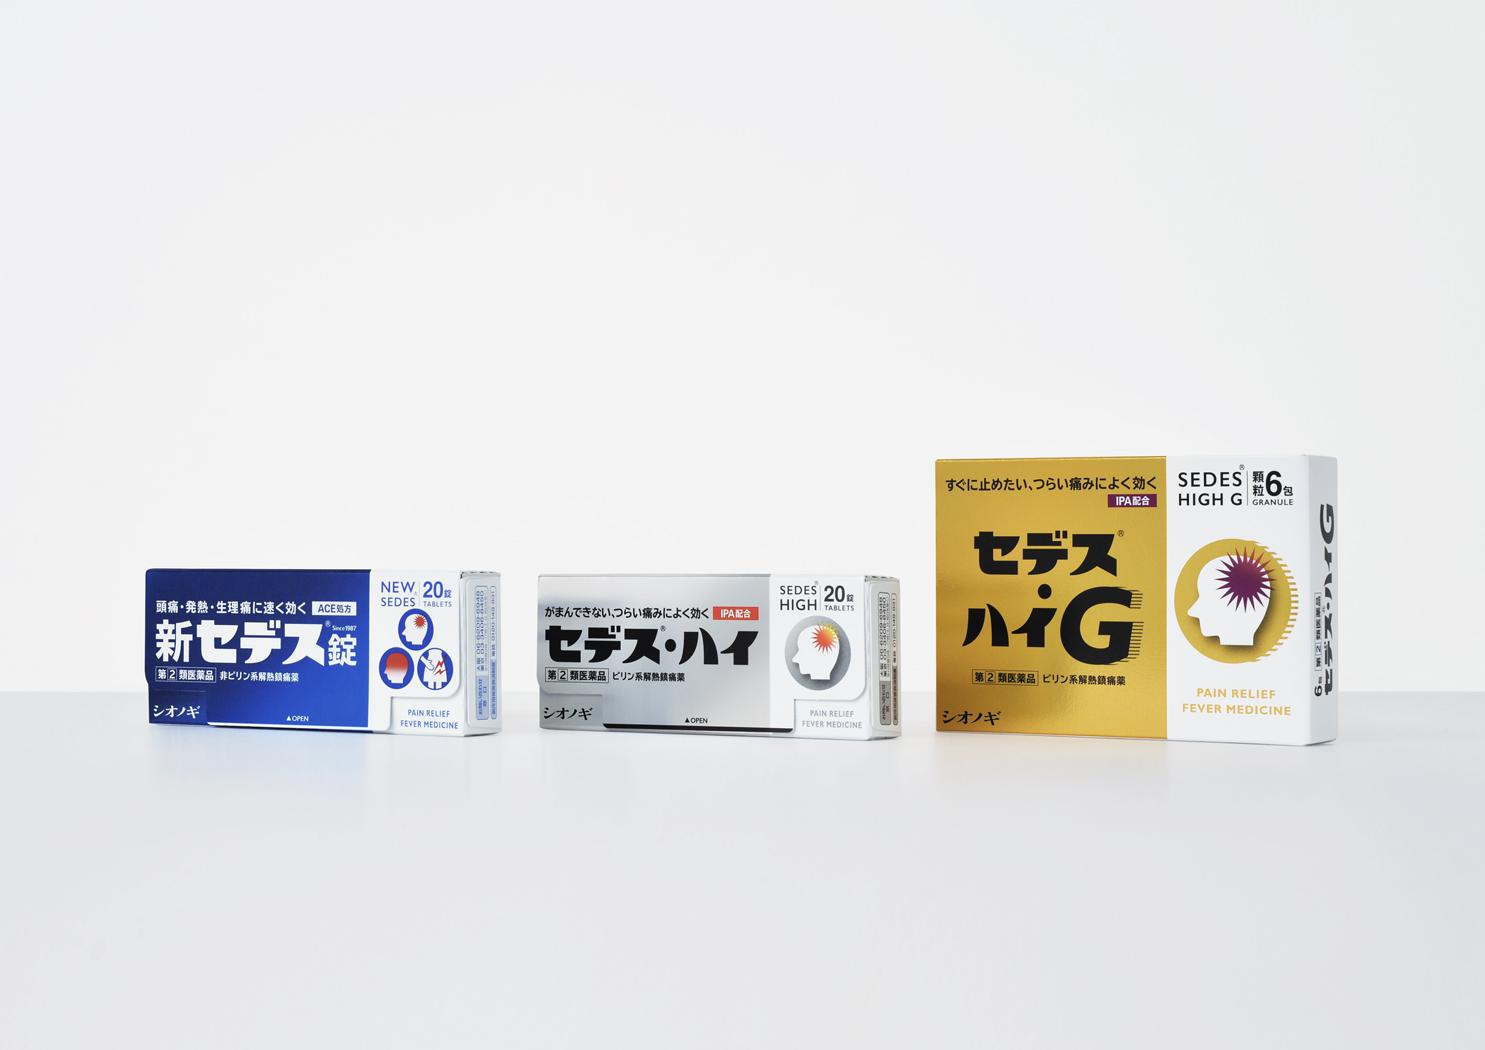 SEDES package